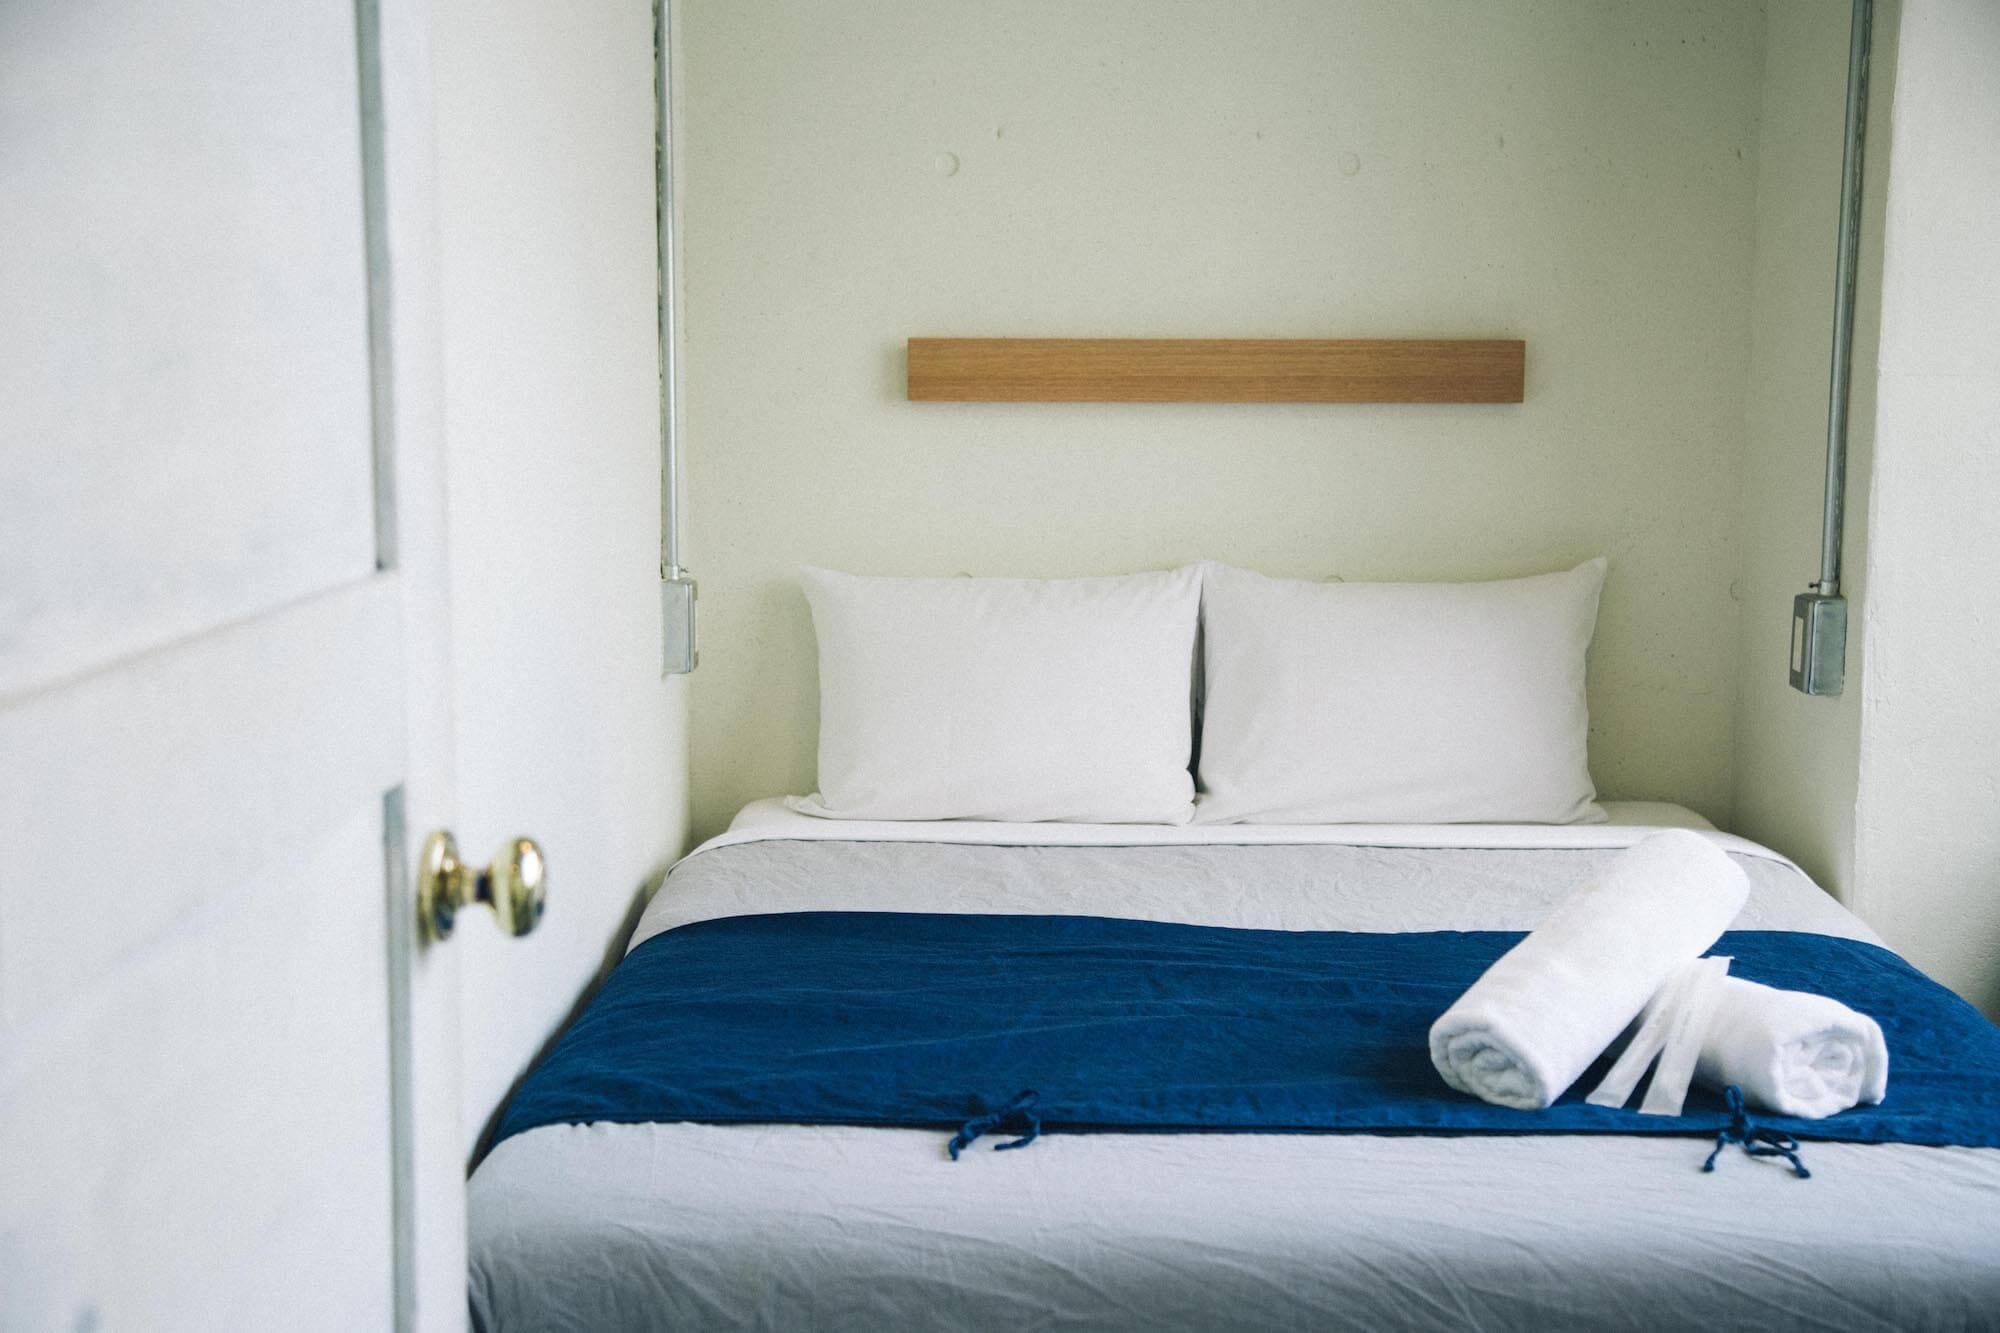 月額6.98万円からのホテル暮らし。『goodroom ホテルパス』の詳細はこちら